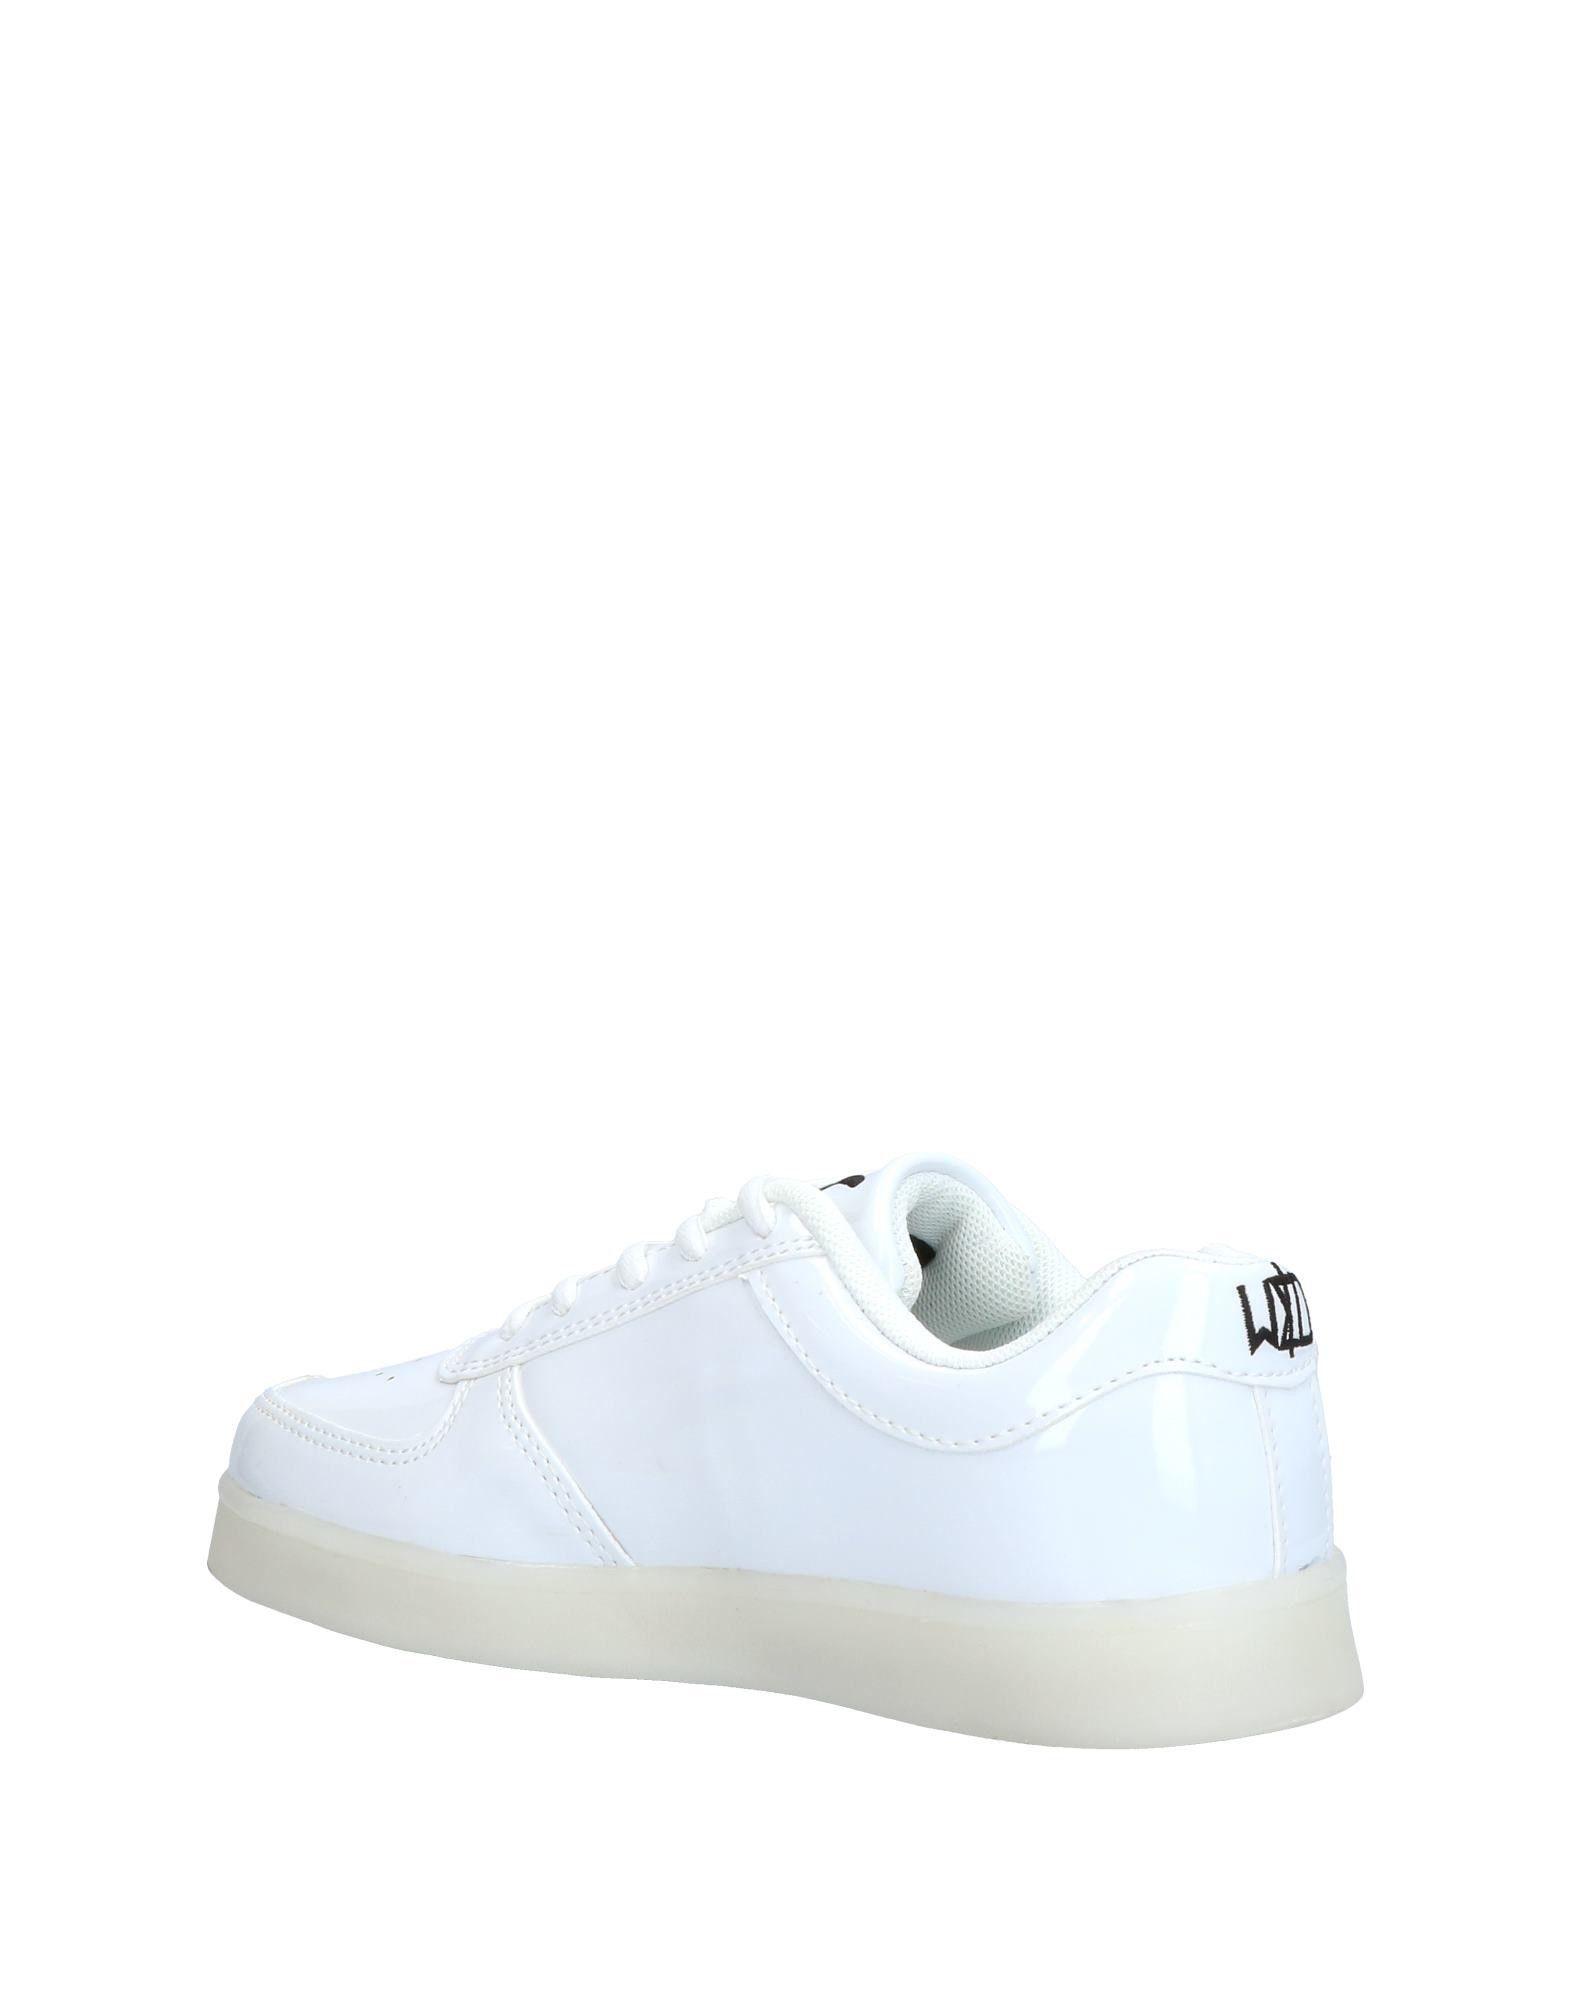 Wize Ope & Ope Wize Sneakers Damen  11362013XF Gute Qualität beliebte Schuhe 753d9d